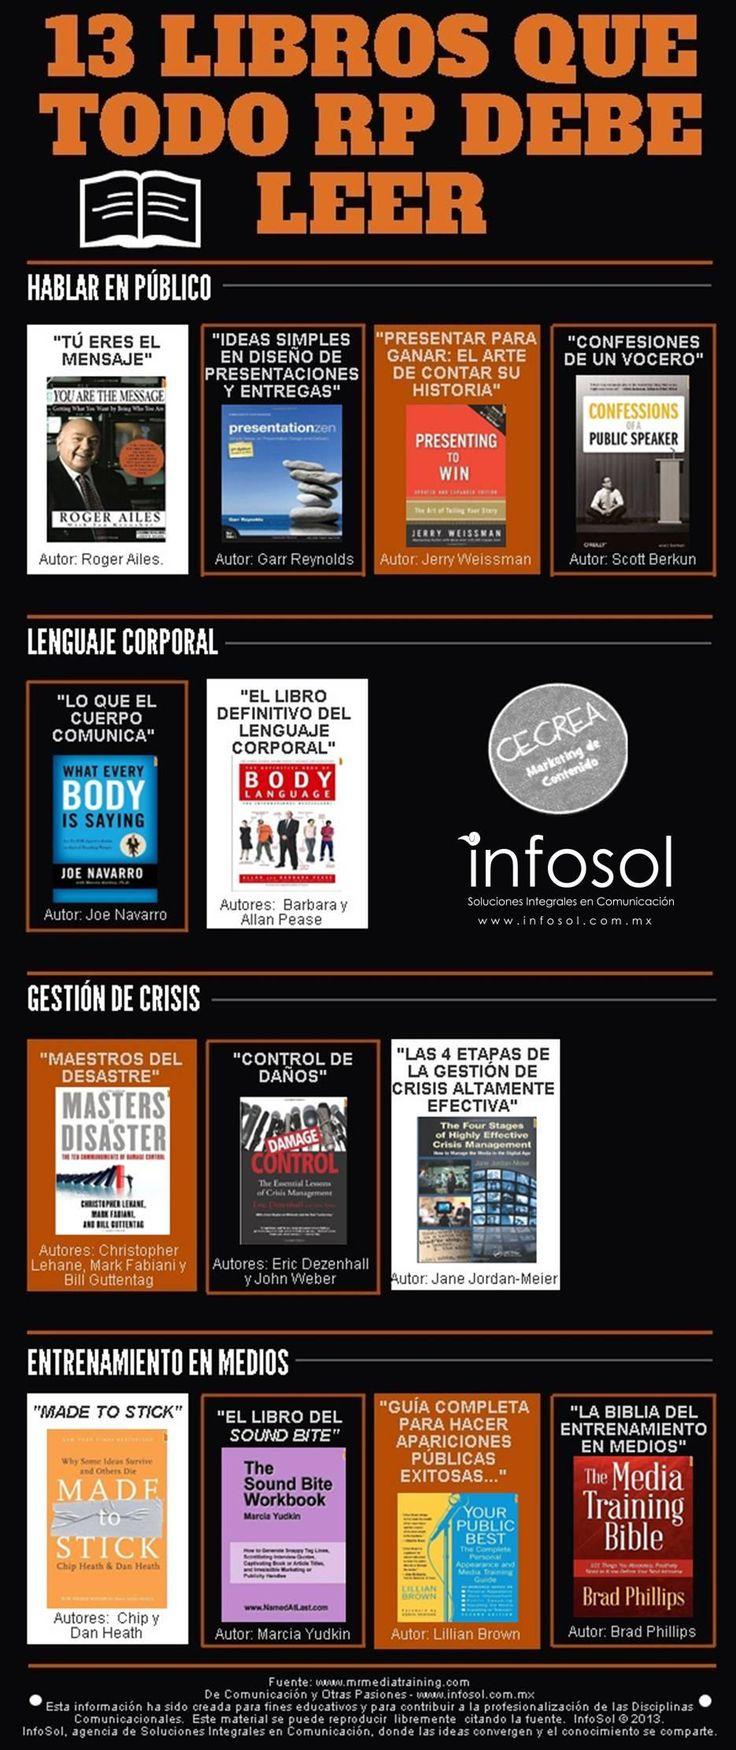 13 libros que todo relaciones públicas debe leer #infografia #infographic #marketing